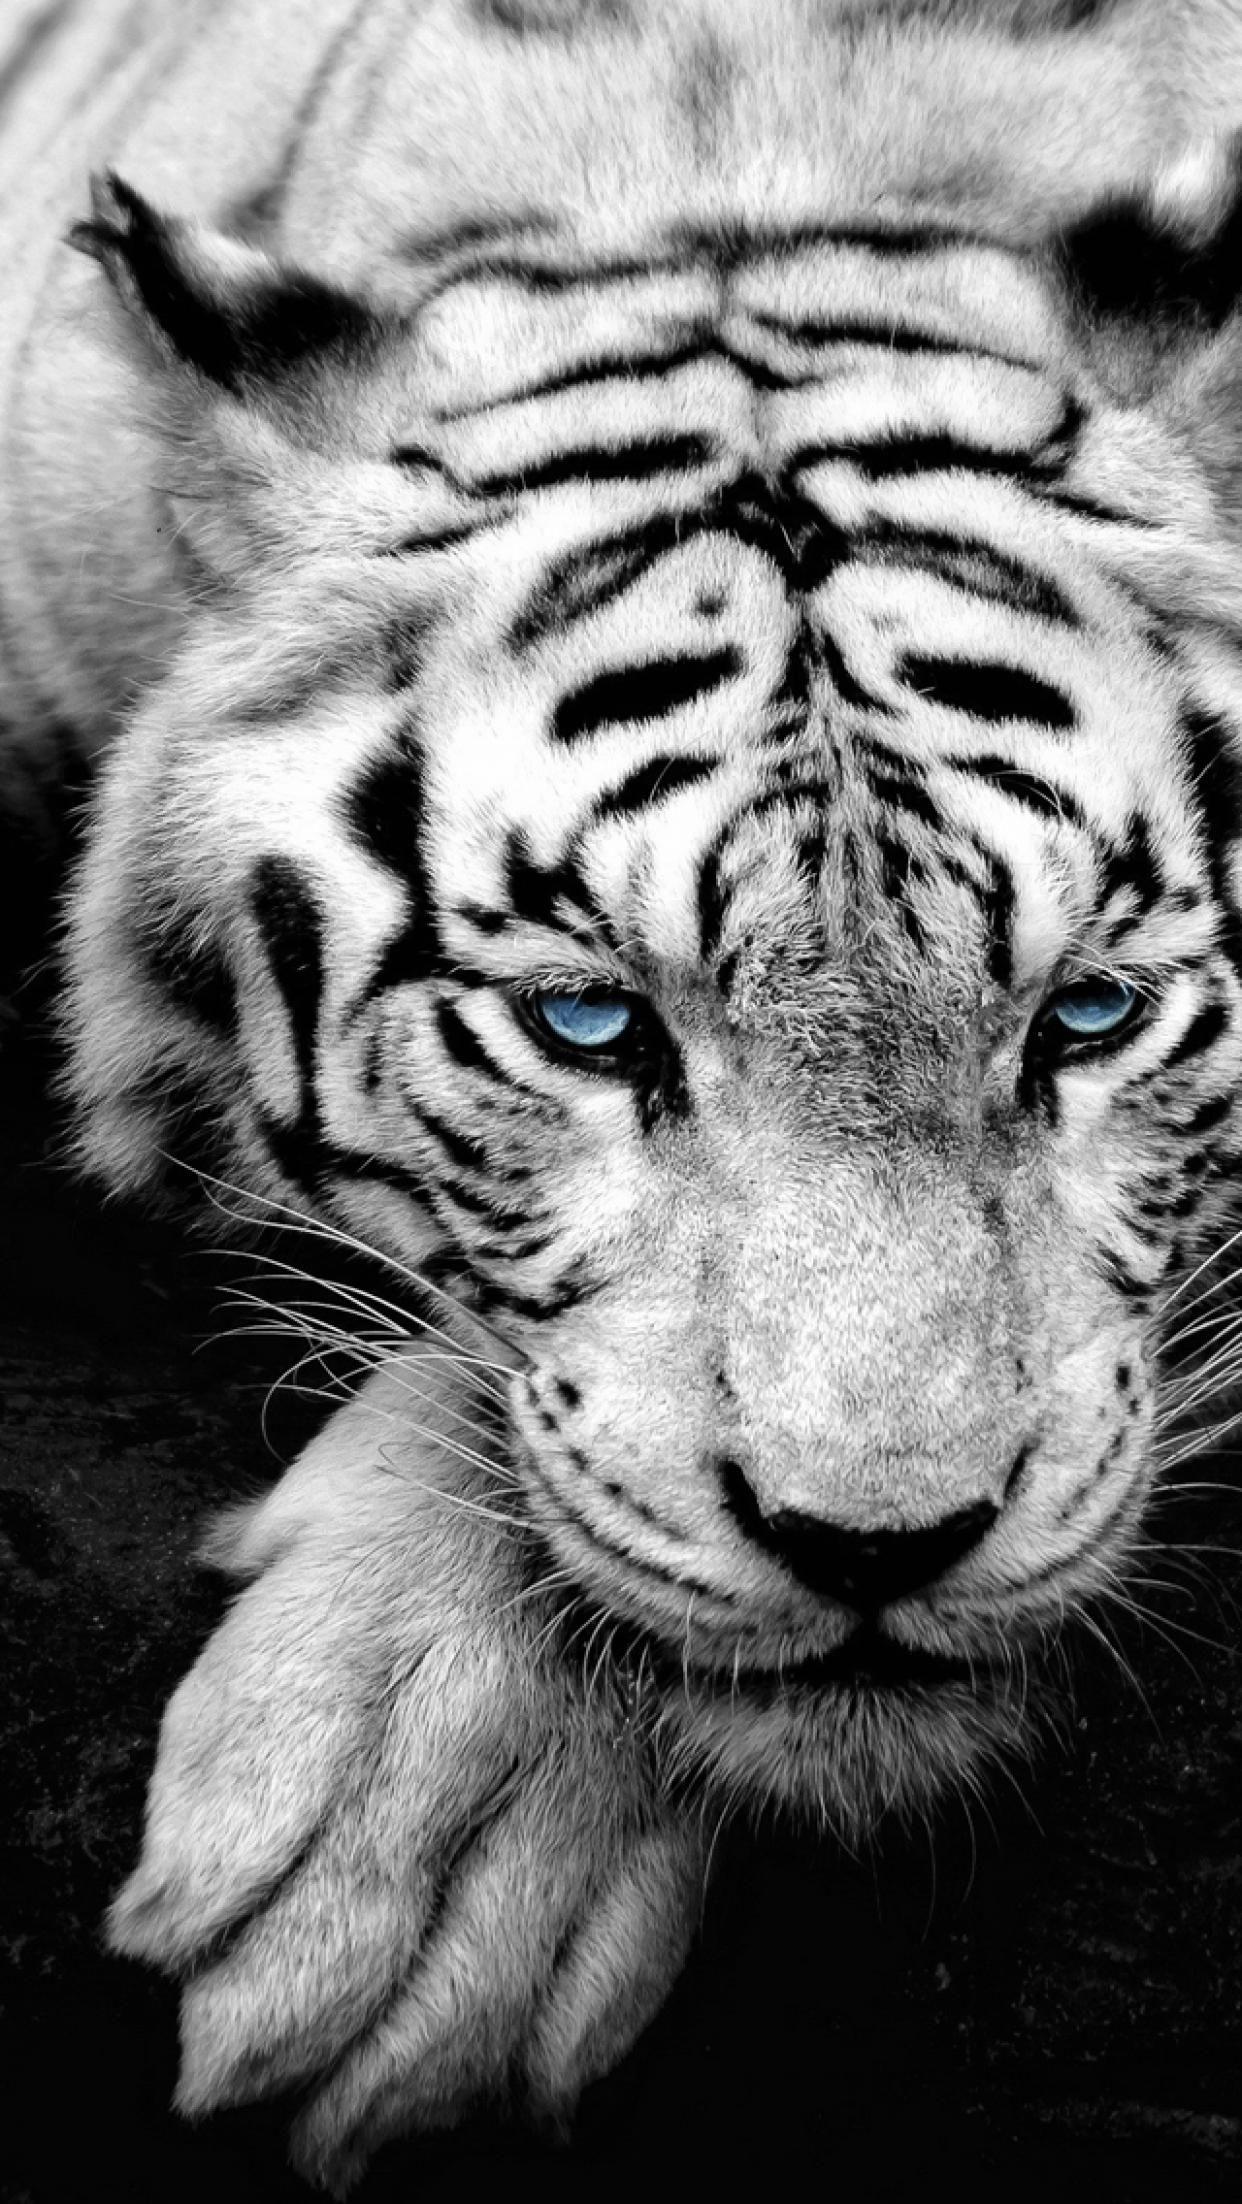 Gambar Harimau Putih : gambar, harimau, putih, IPhone, Harimau, Wallpapers, Wallpaper